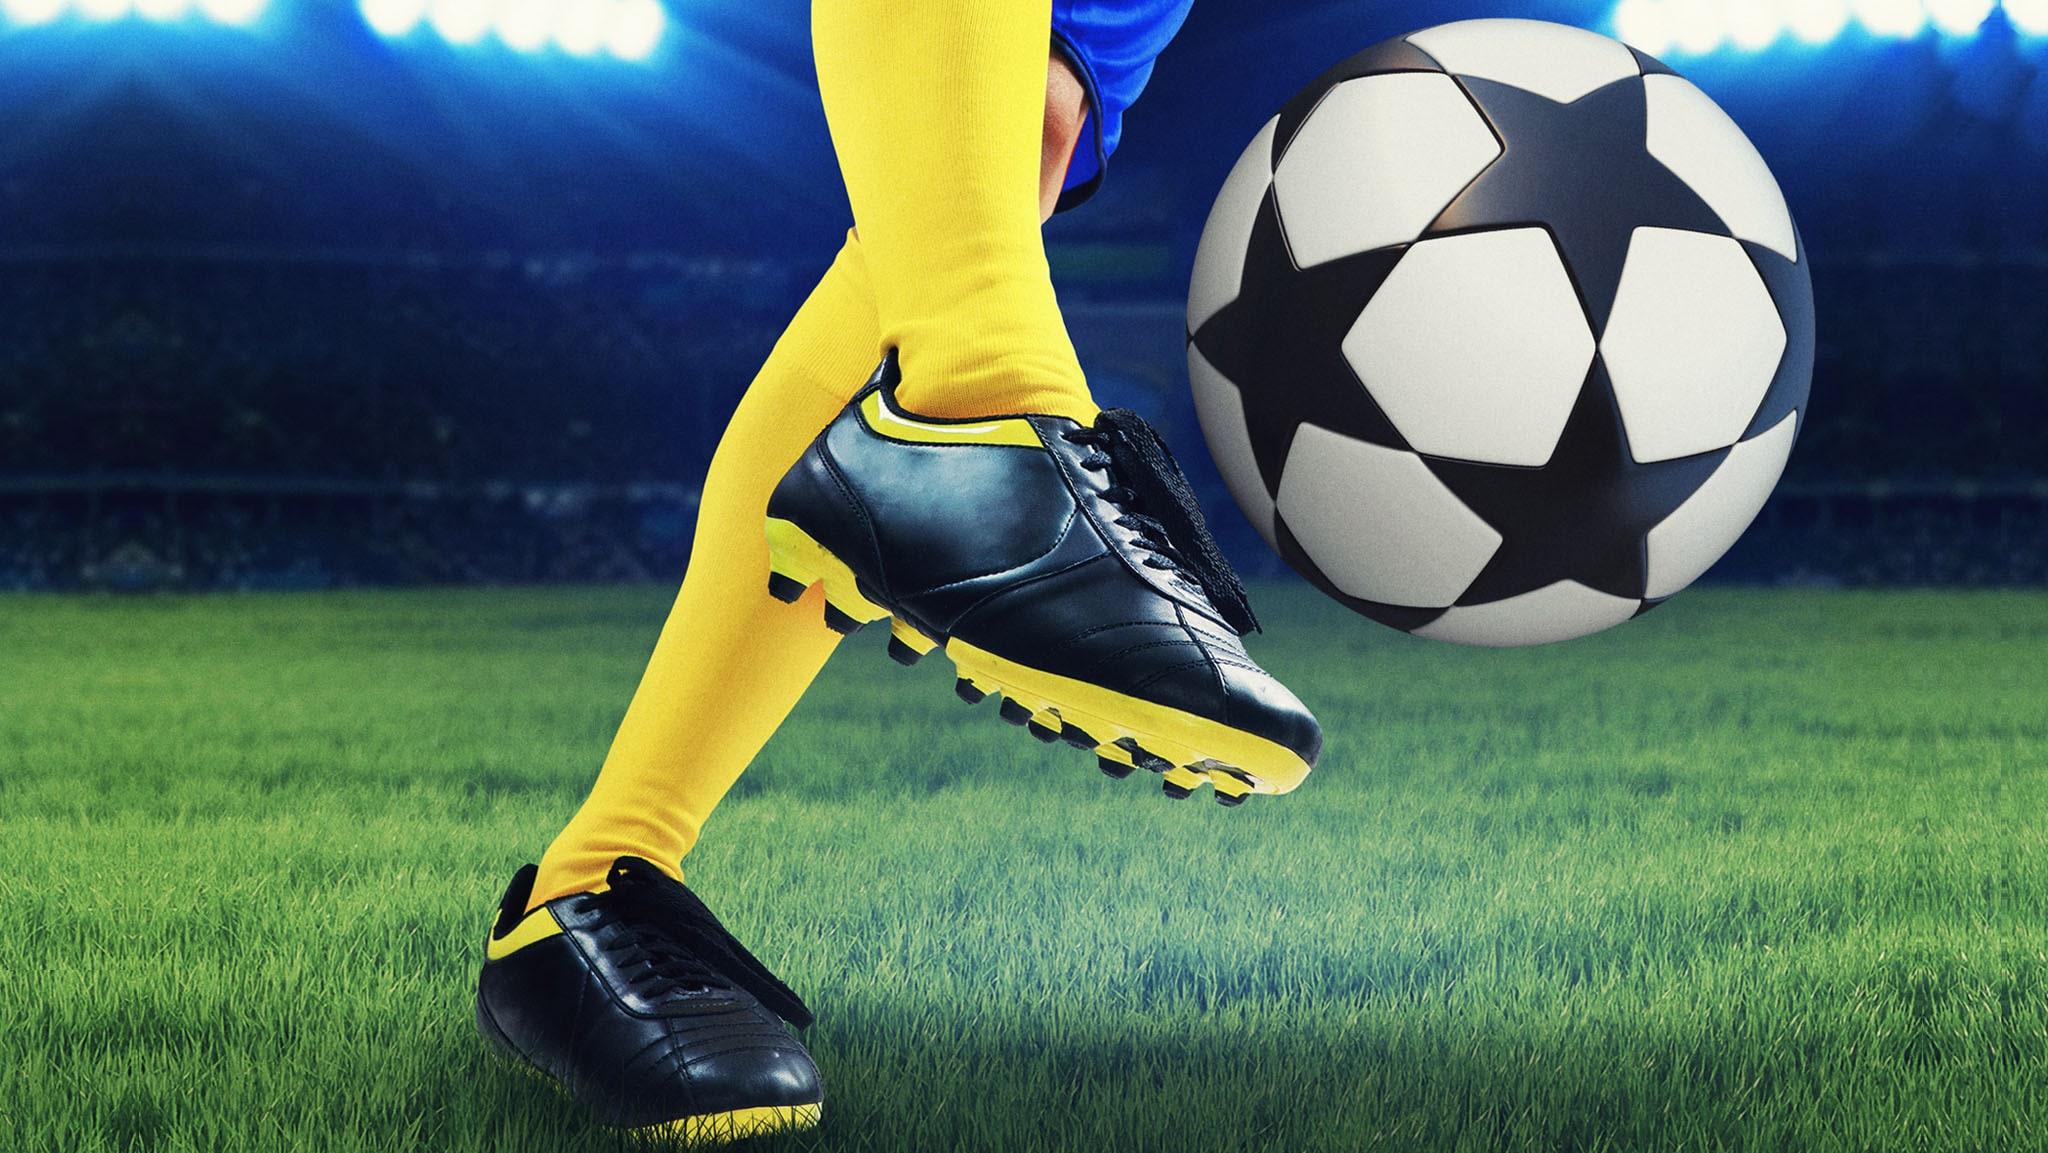 Rai Sport+ HD Calcio Campionato di Serie C 2019/20: Play Off 1 turno  Padova - Sambenedettese